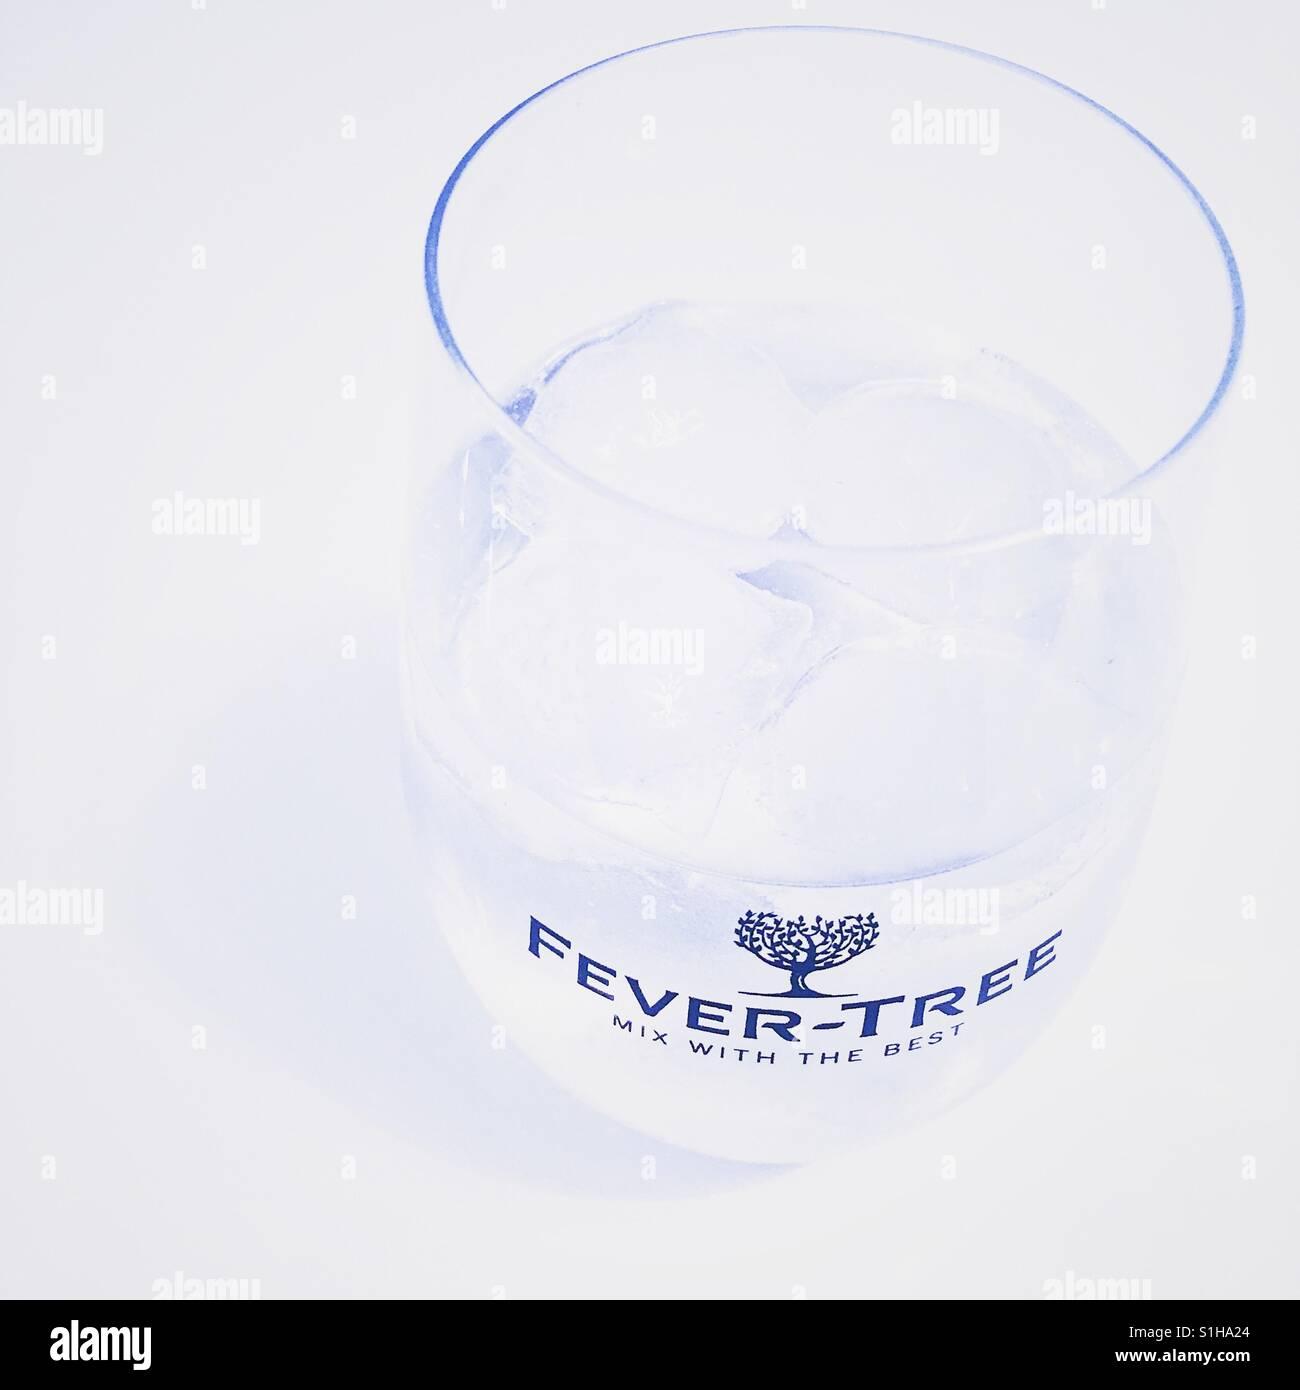 Il gin tonic in un tonico Fever-Tree vetro, su uno sfondo bianco. Immagini Stock